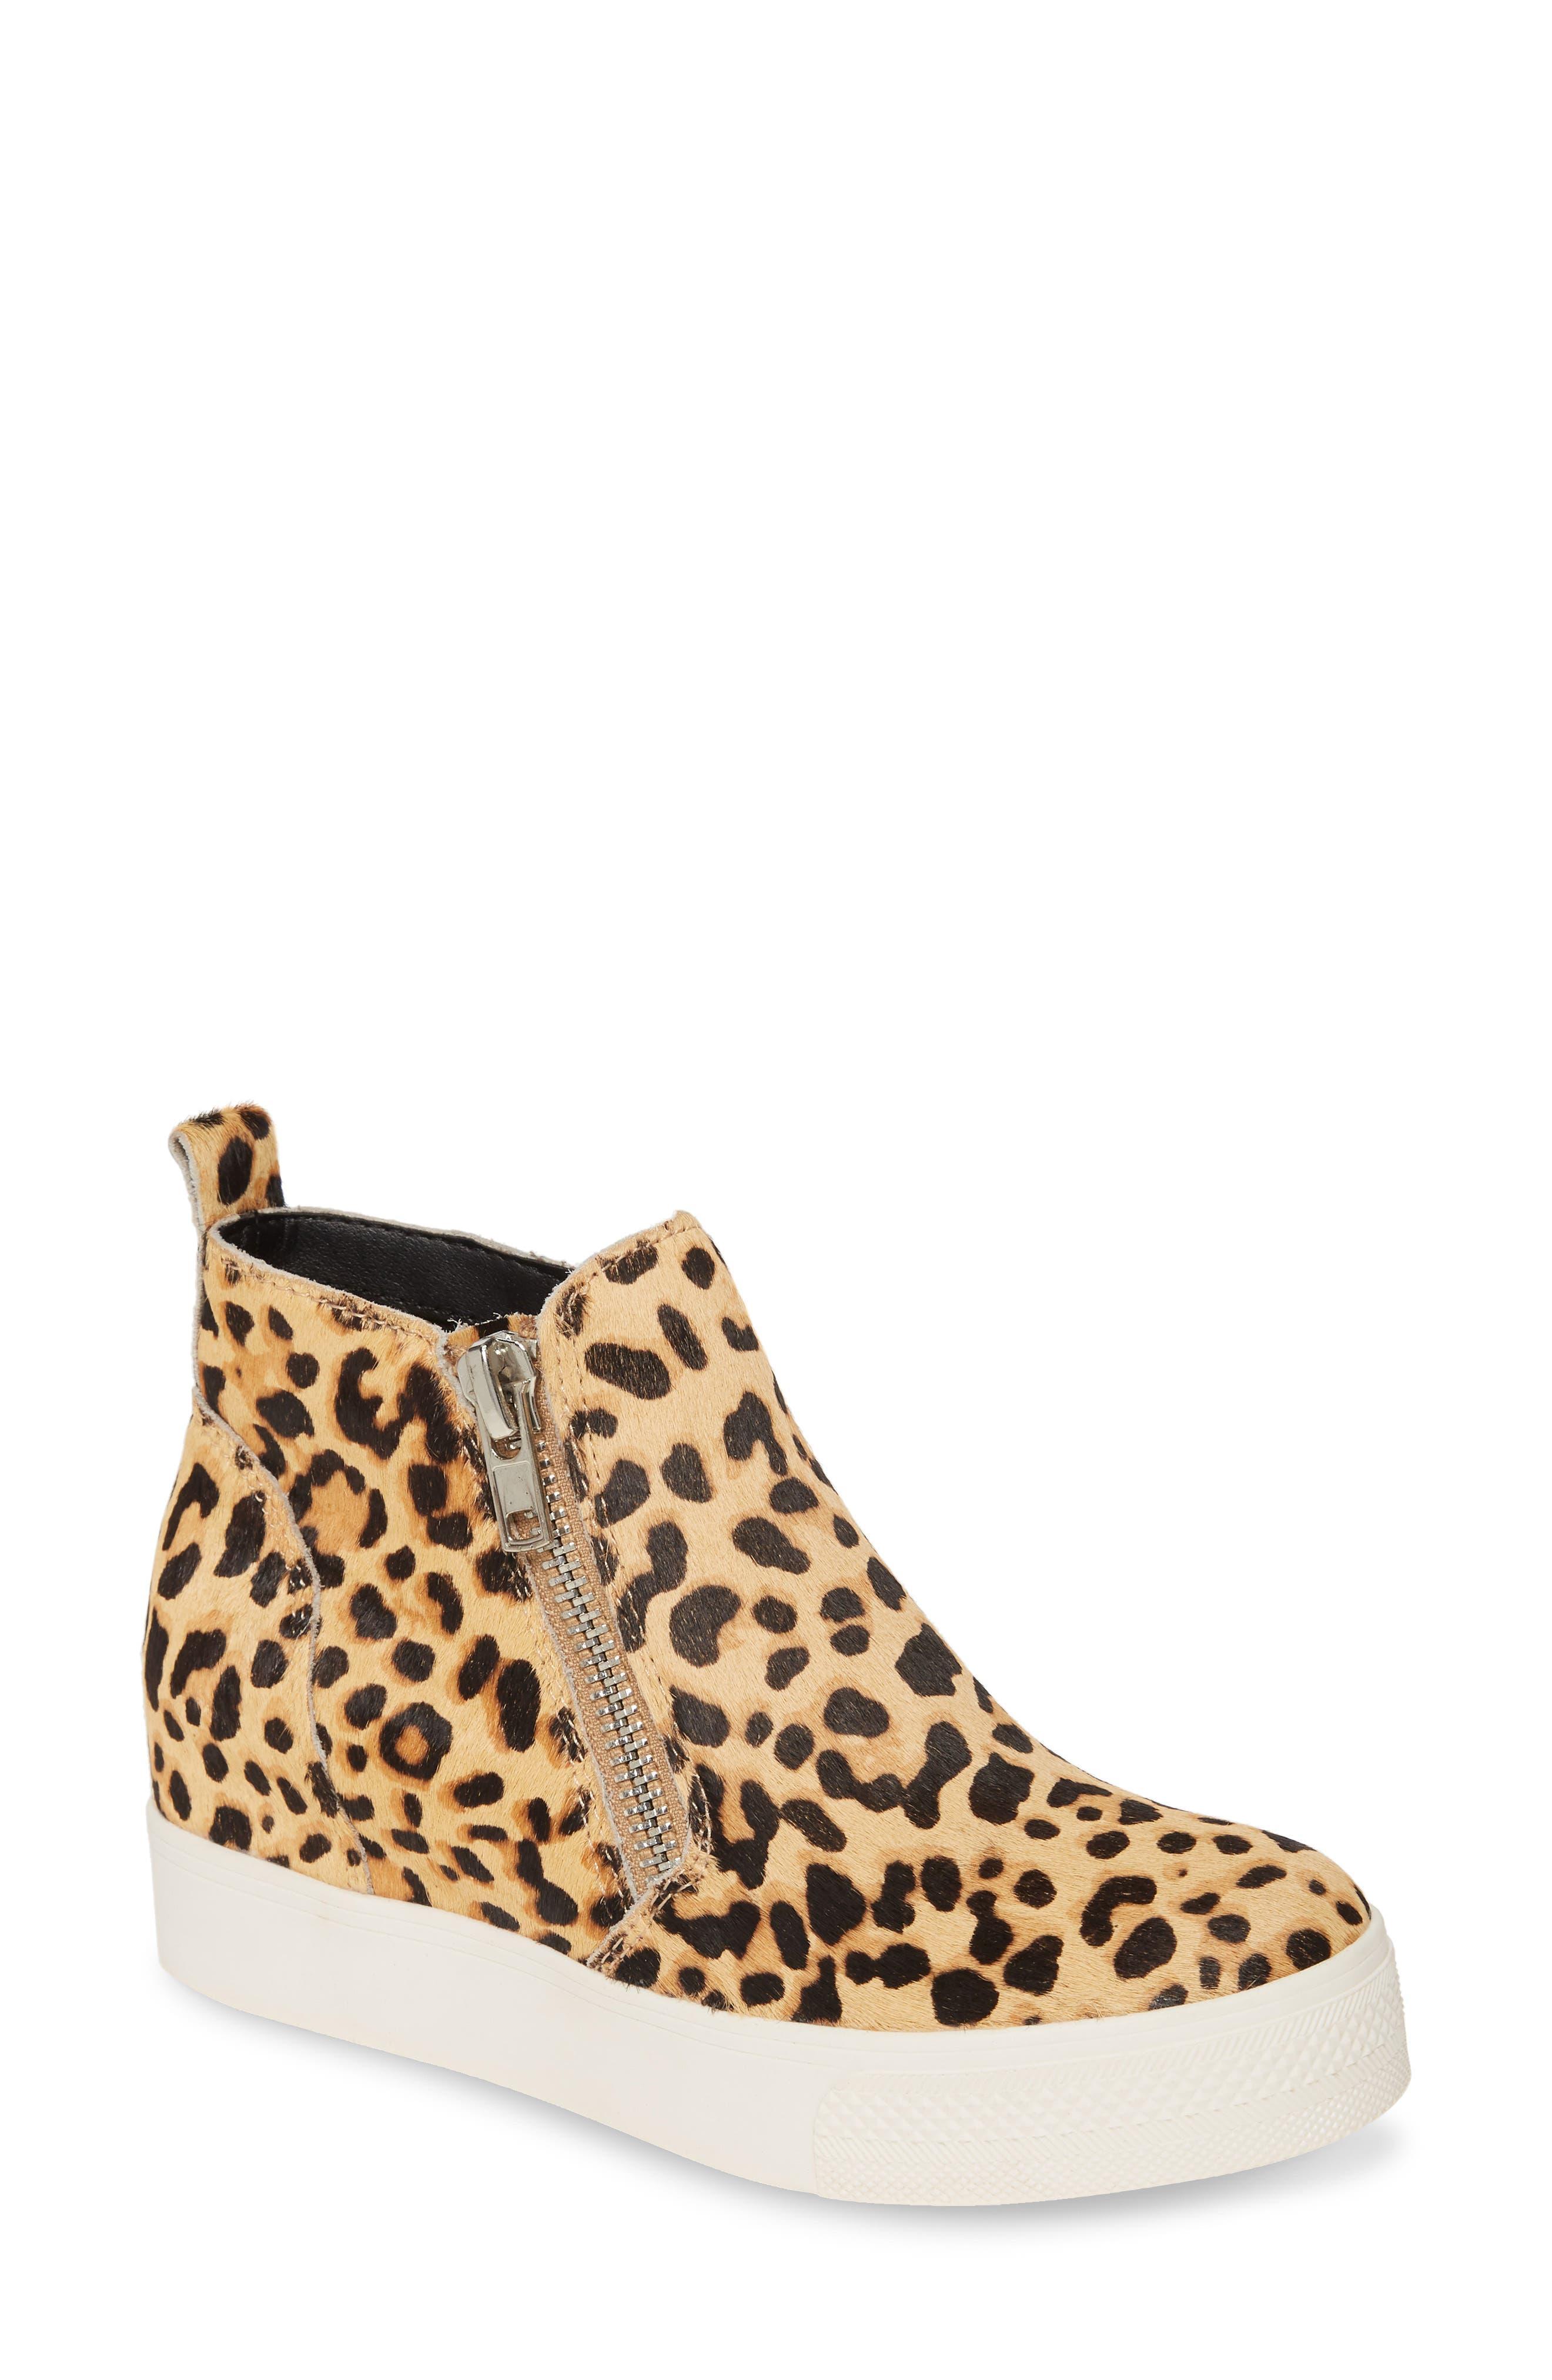 Wedgie High Top Genuine Calf Hair Platform Sneaker by Steve Madden